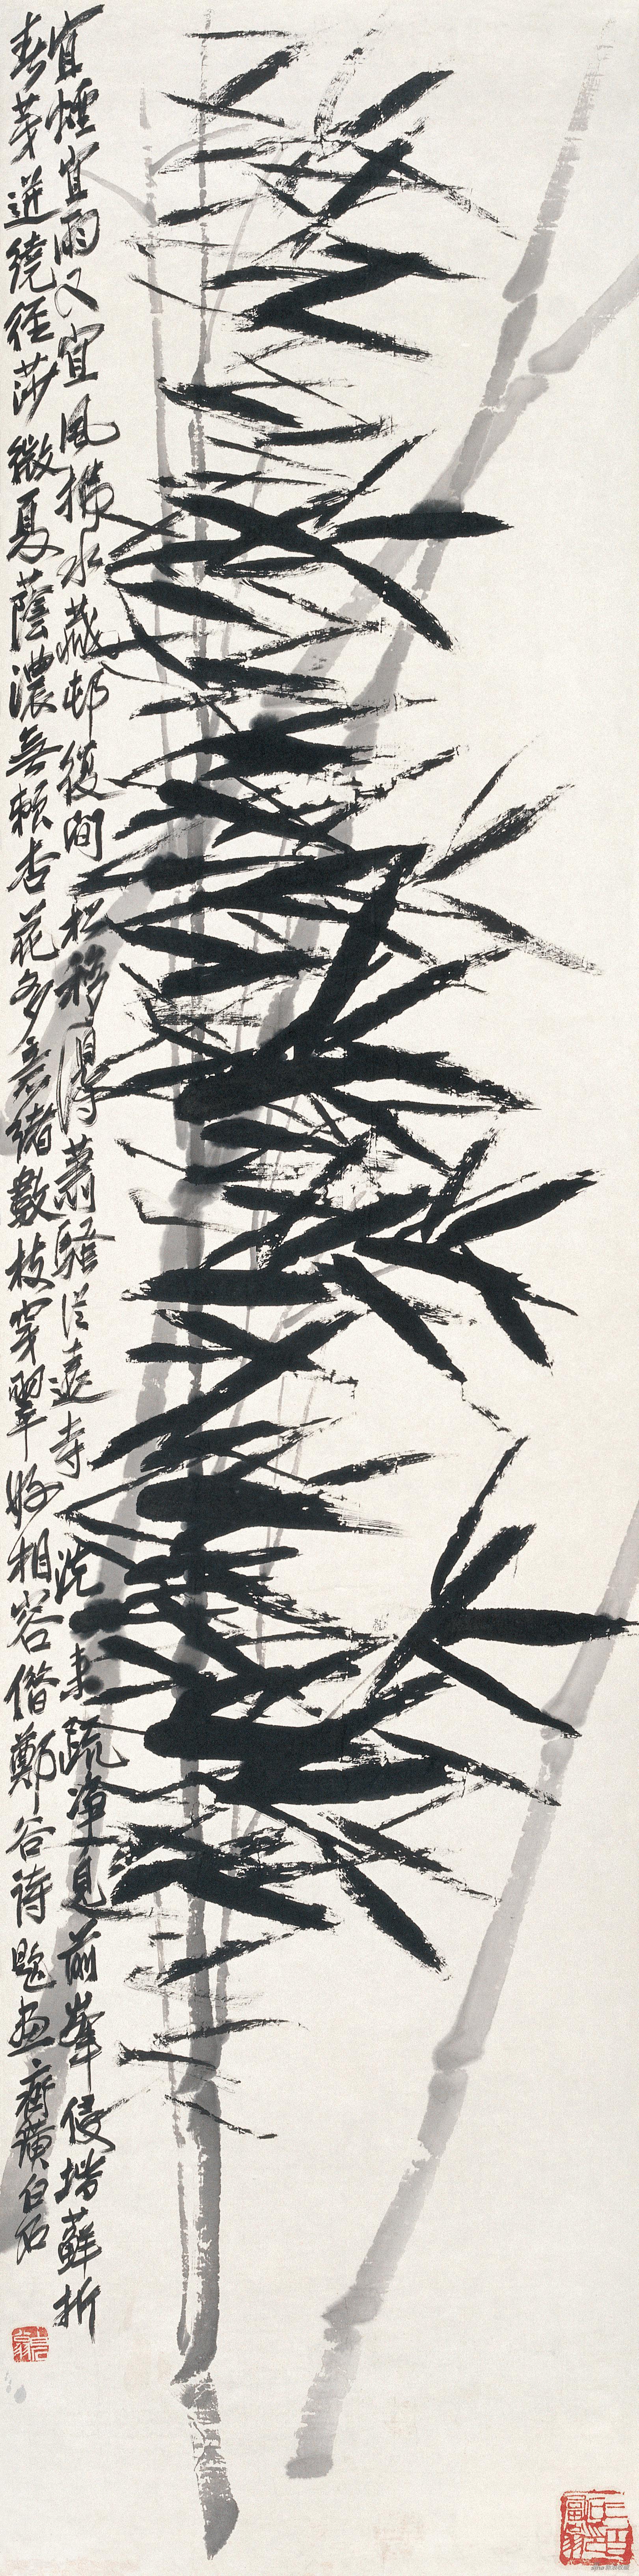 风竹 齐白石 129.5cm×33cm 无年款 纸本水墨 北京画院藏